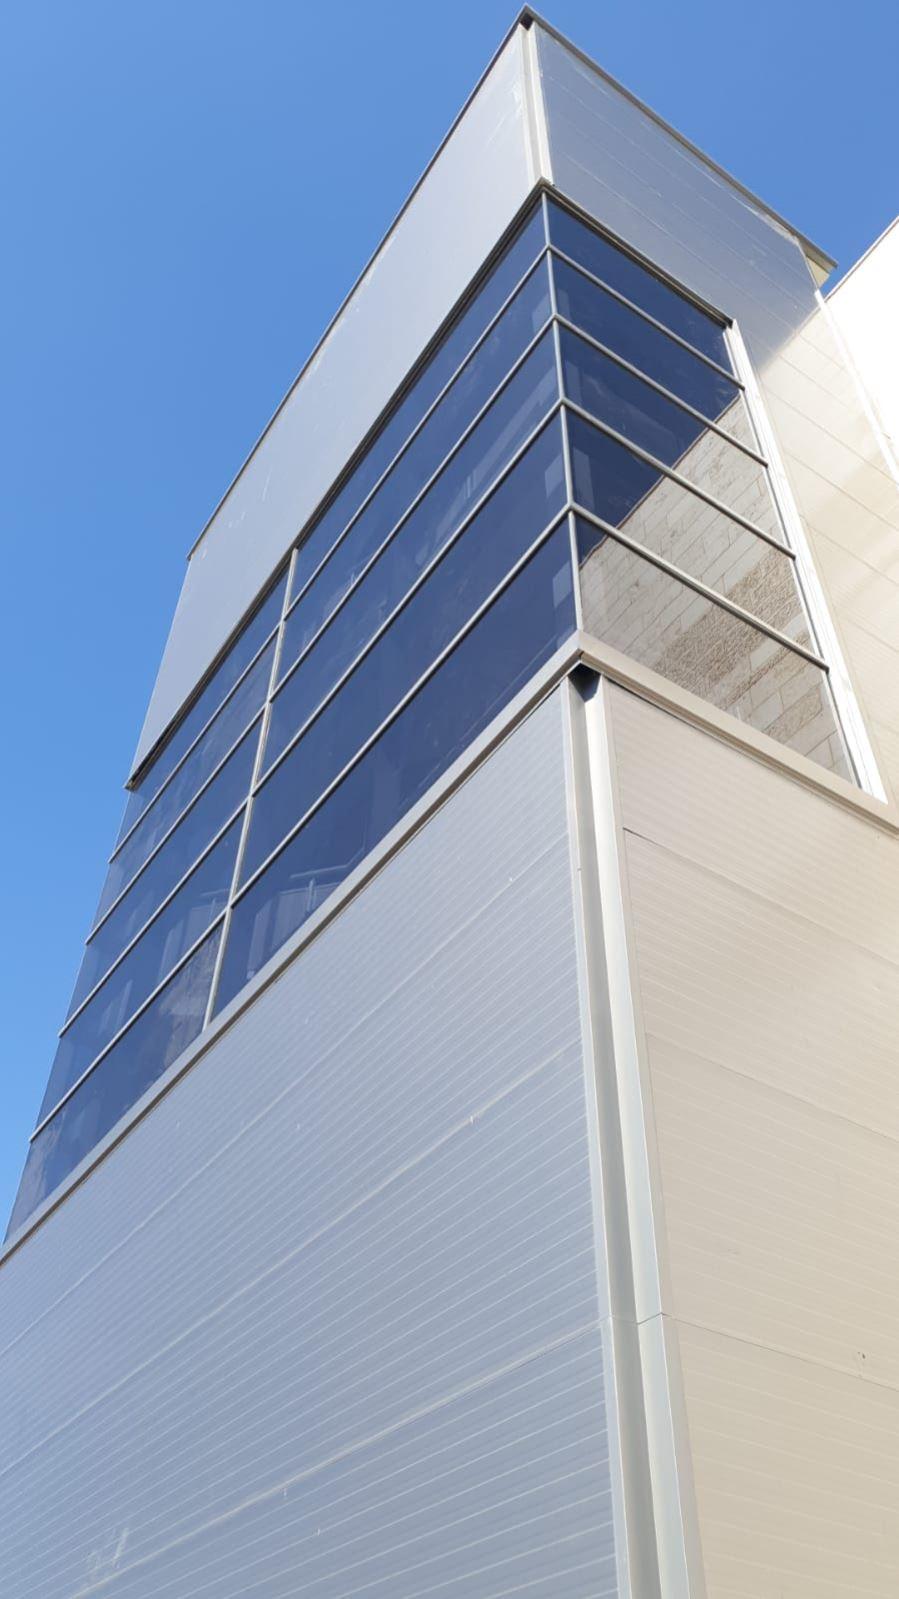 קיר מסך בית חולים לניאדו תמונה מספר 2